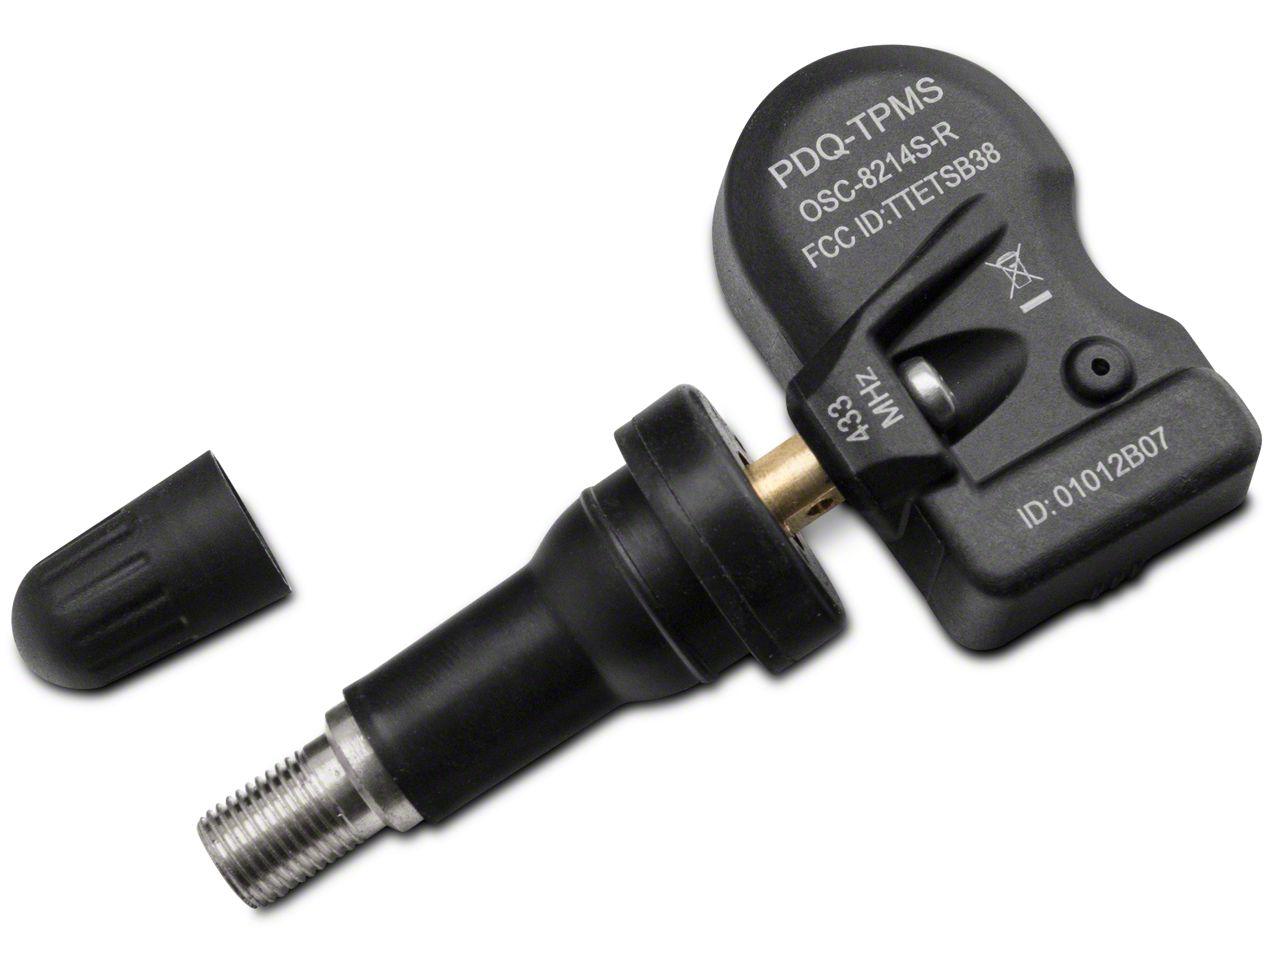 Unbranded Valve Stem-Mounted TPMS Sensor (13-19 Jeep Wrangler JK & JL)